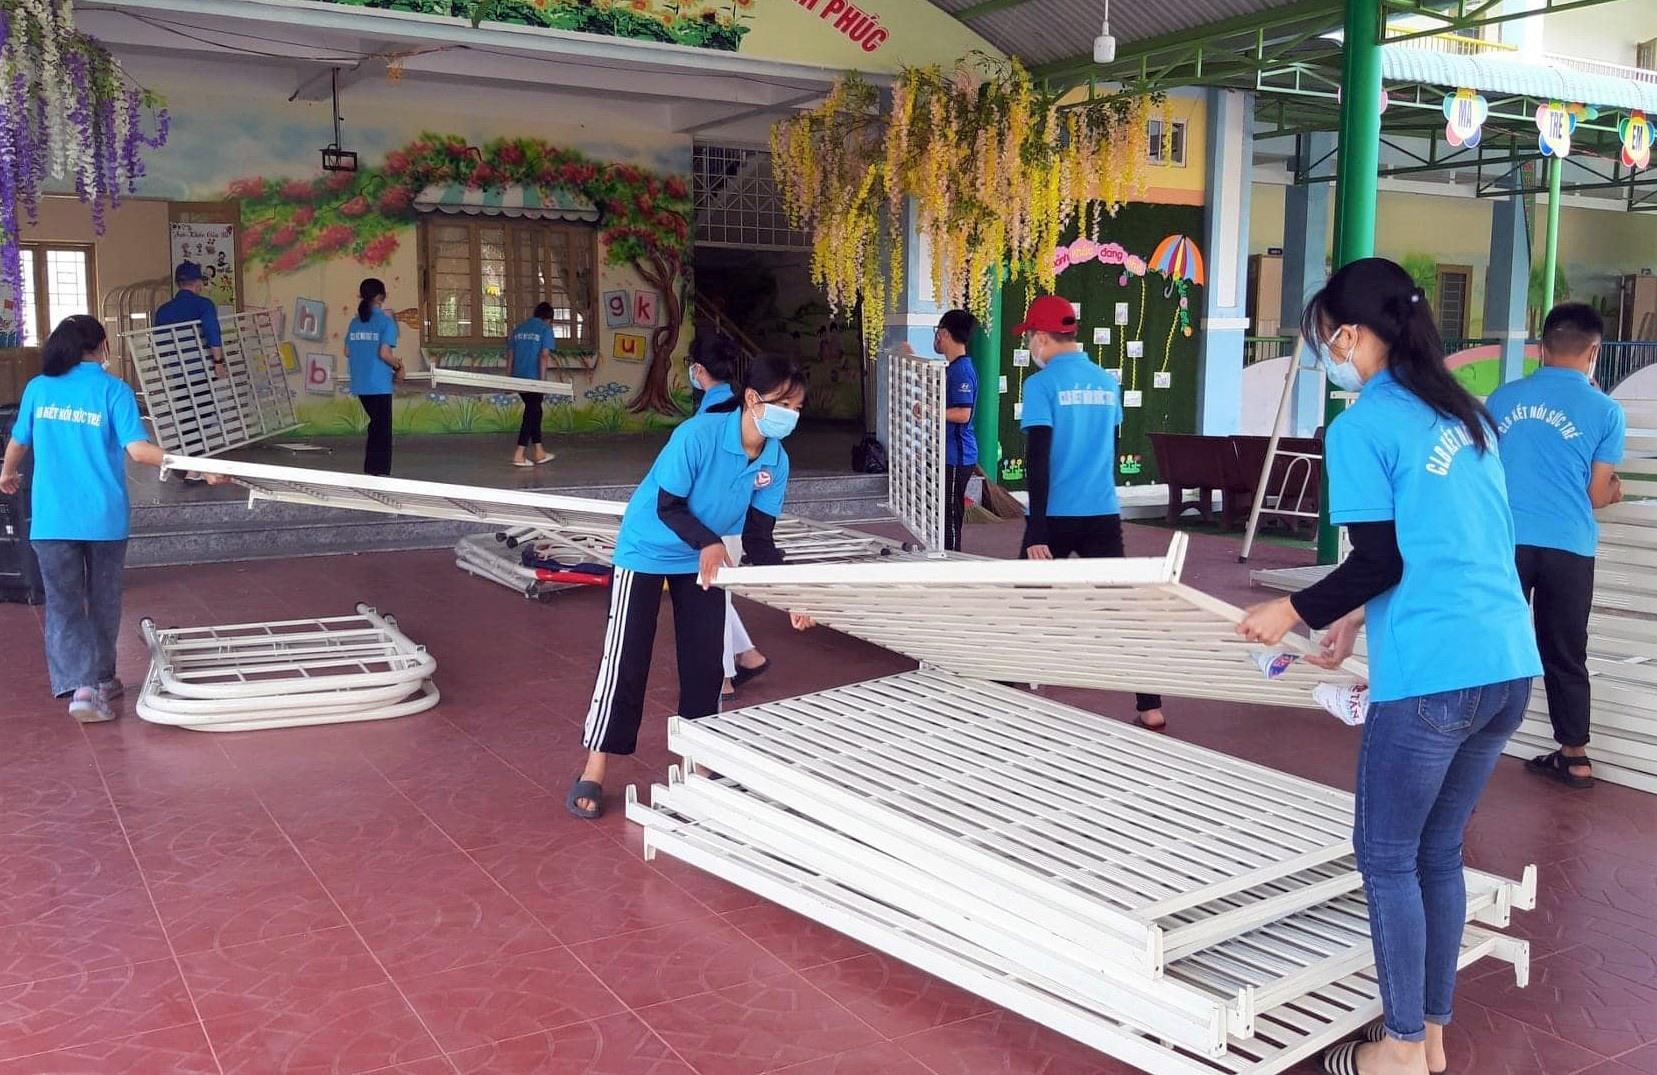 Thành viên Câu lạc bộ Kết nối sức trẻ (xã Quế An, huyện Quế Sơn) tham gia dọn vệ sinh, chuẩn bị cơ sở vật chất khu cách ly tập trung. Ảnh: CTV